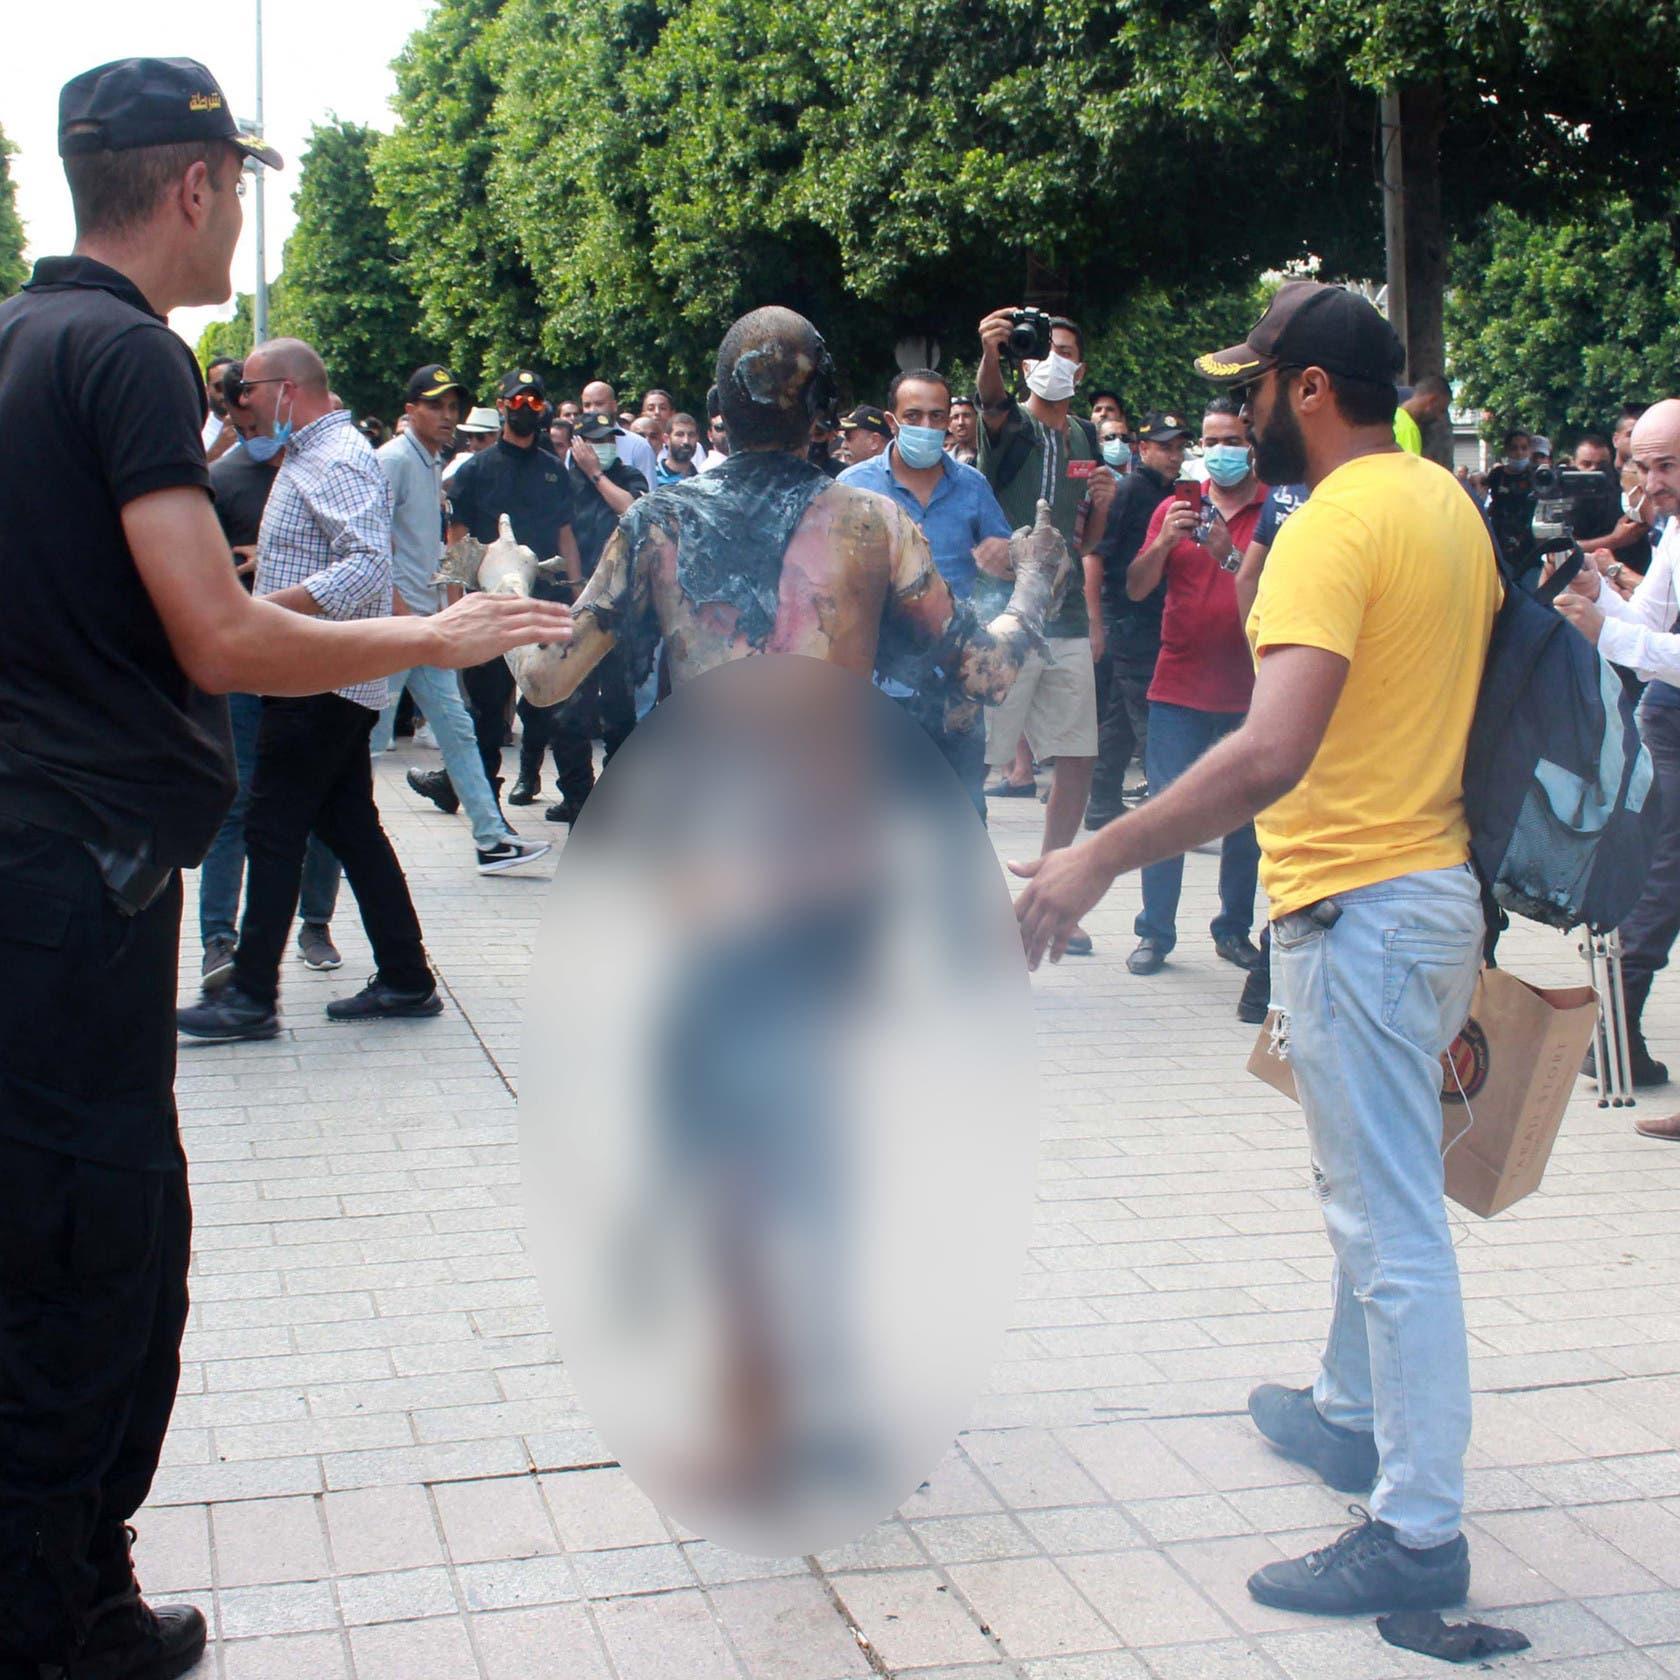 صور لا تحتمل.. النار التهمت جسد تونسي وقف متفحماً بالشارع